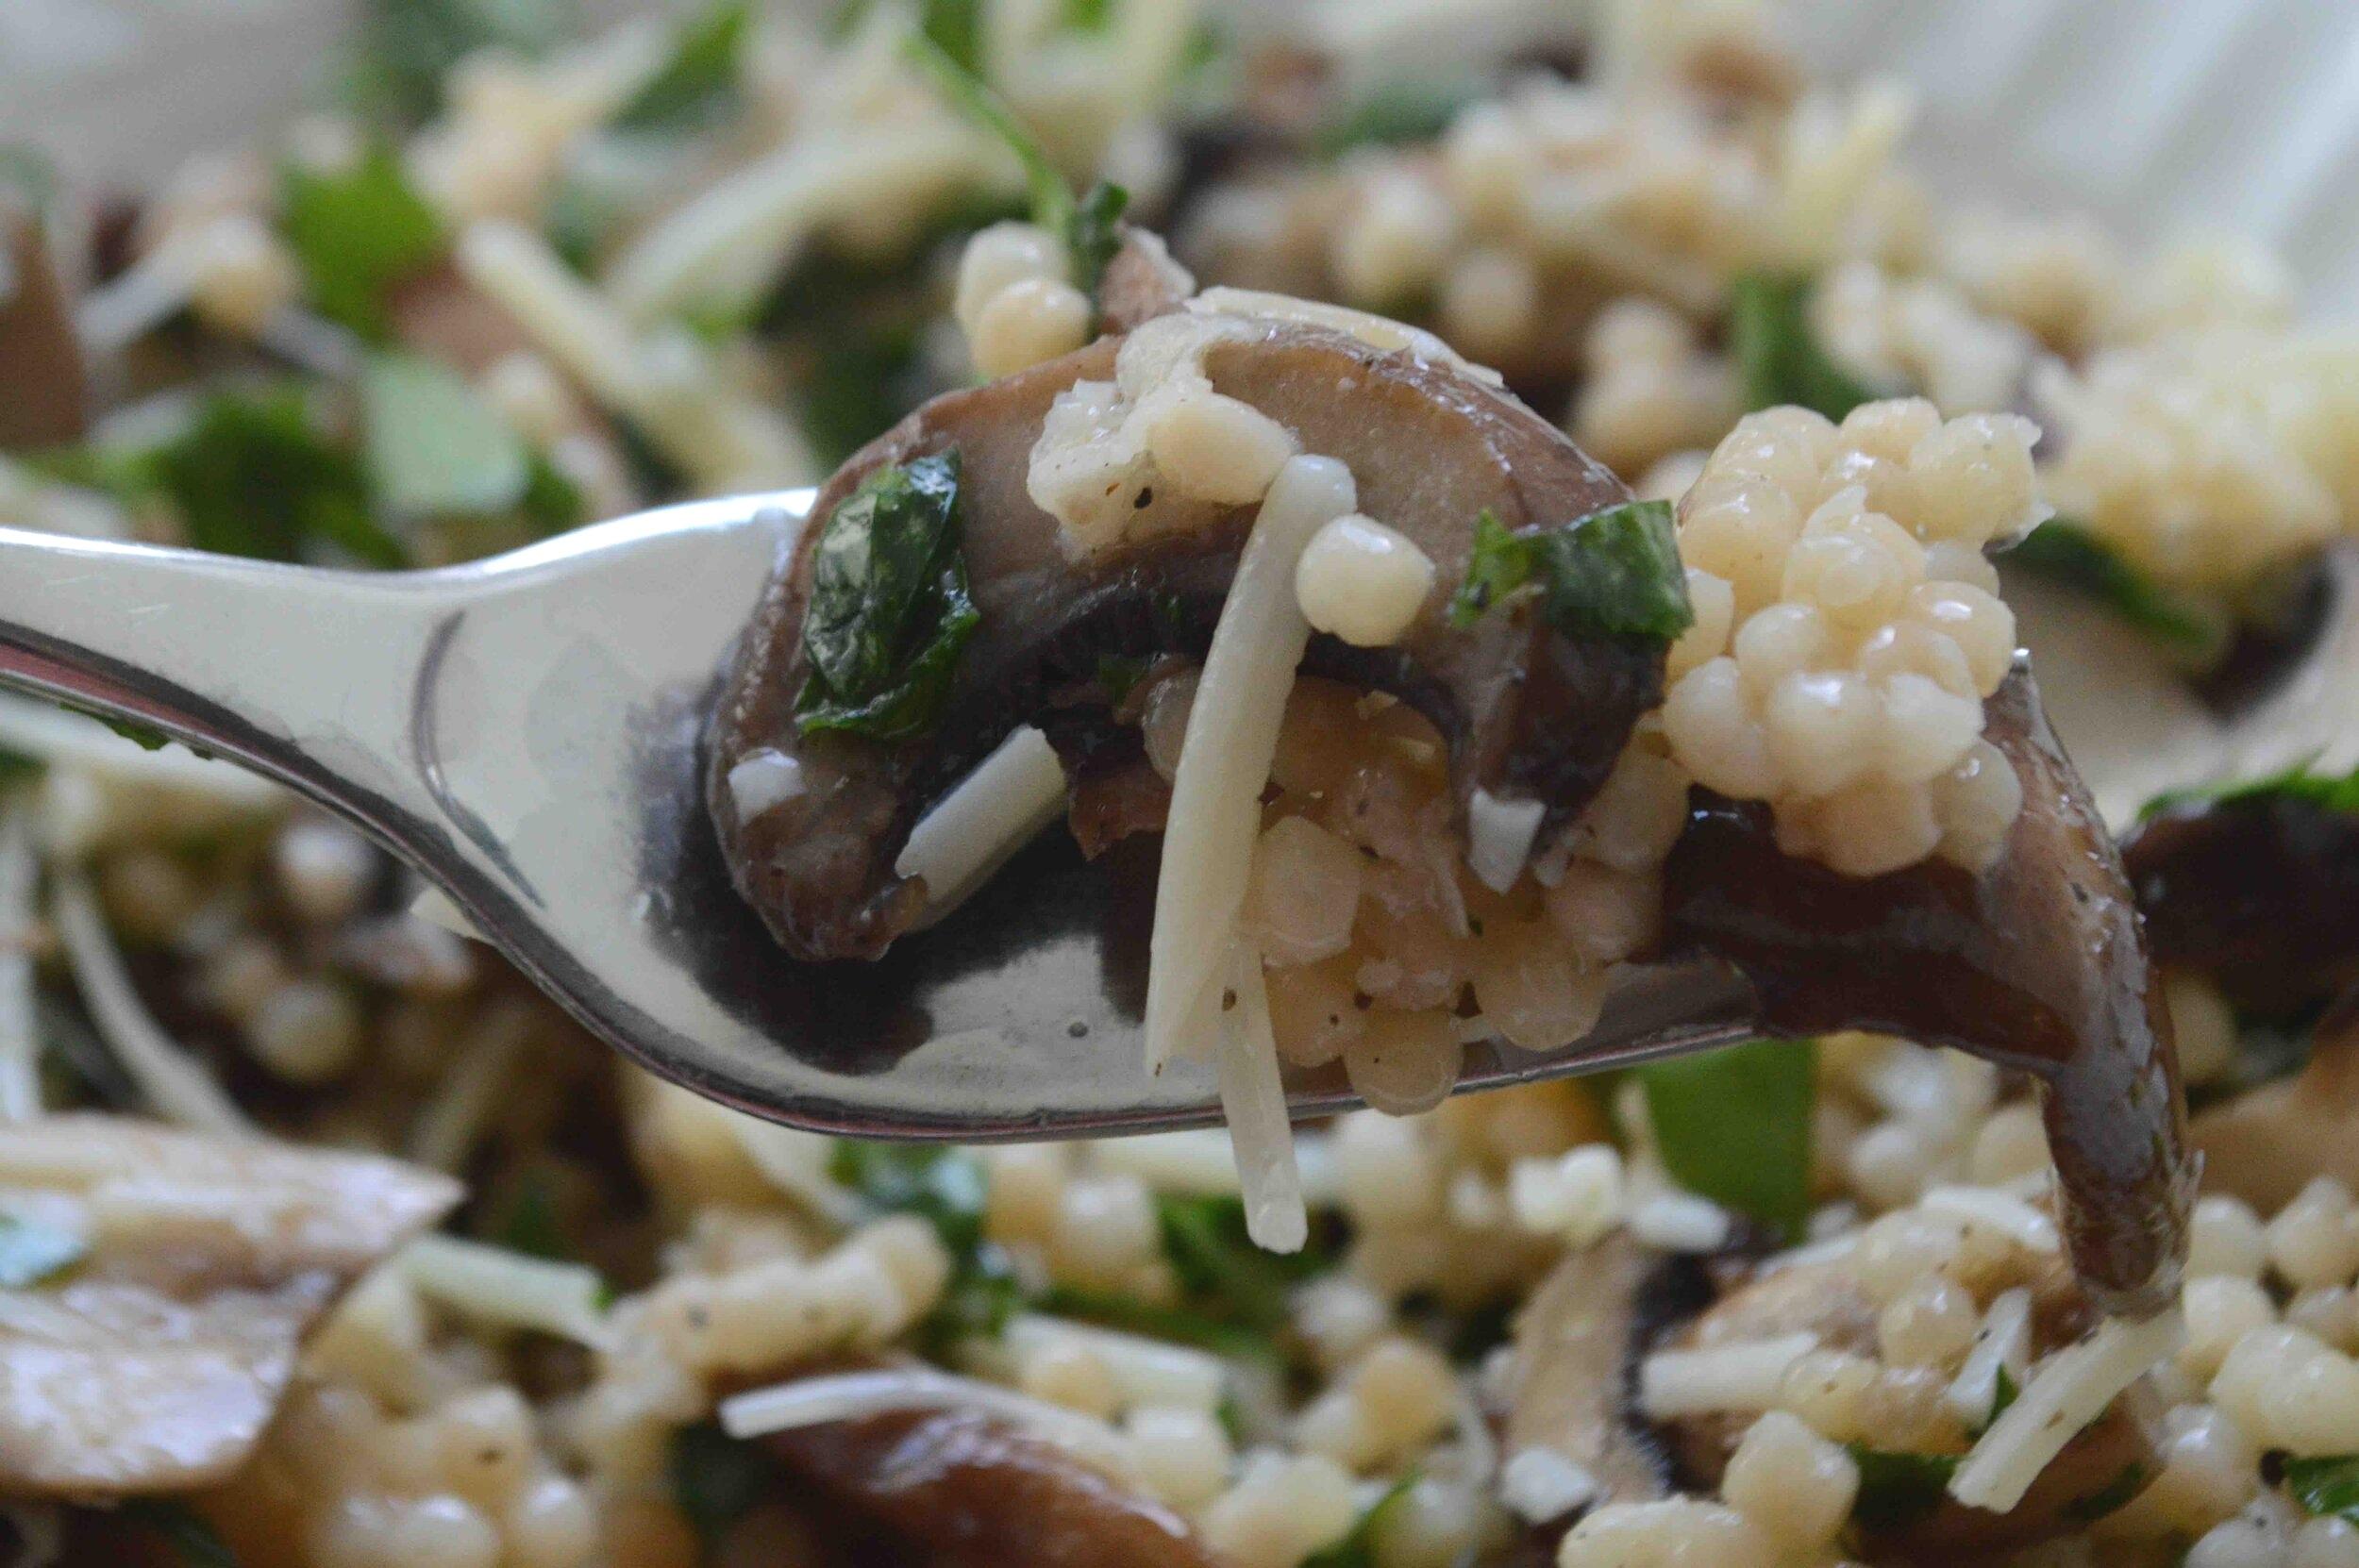 Israeli+Couscous+Mushroom+Salad+with+Lemony+Vinaigrette